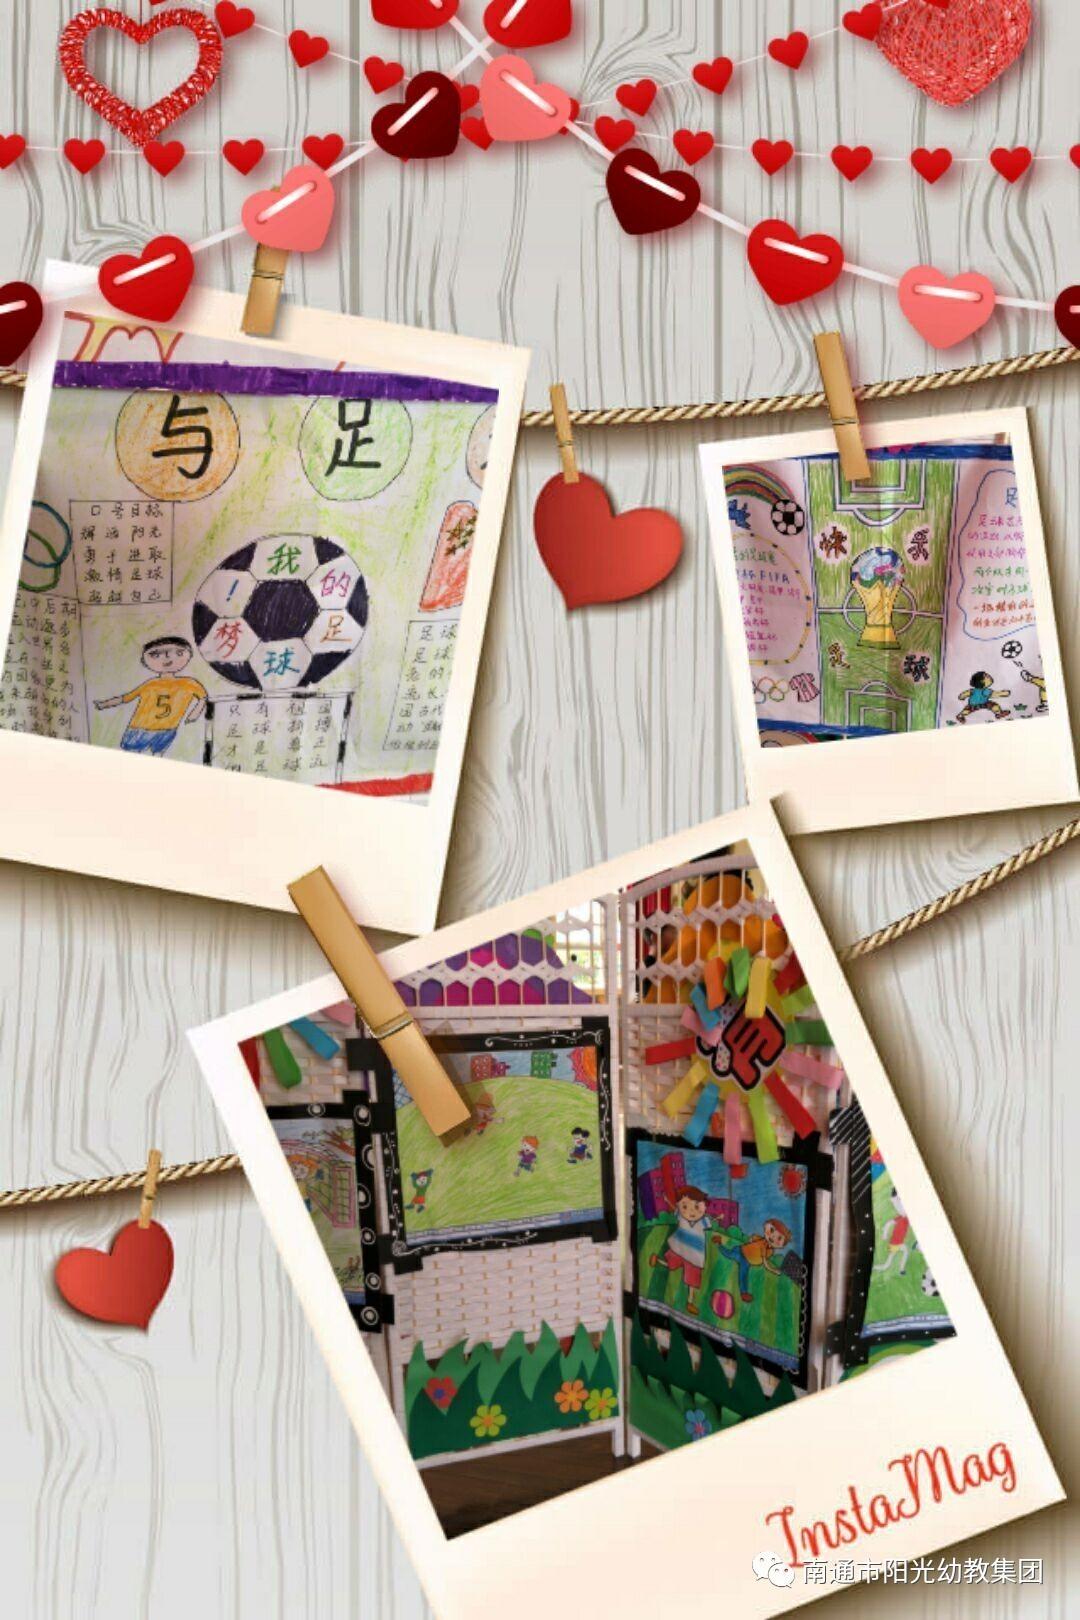 足球我的梦 ——记港闸区阳光幼儿园体育文化系列活动之亲子手抄报